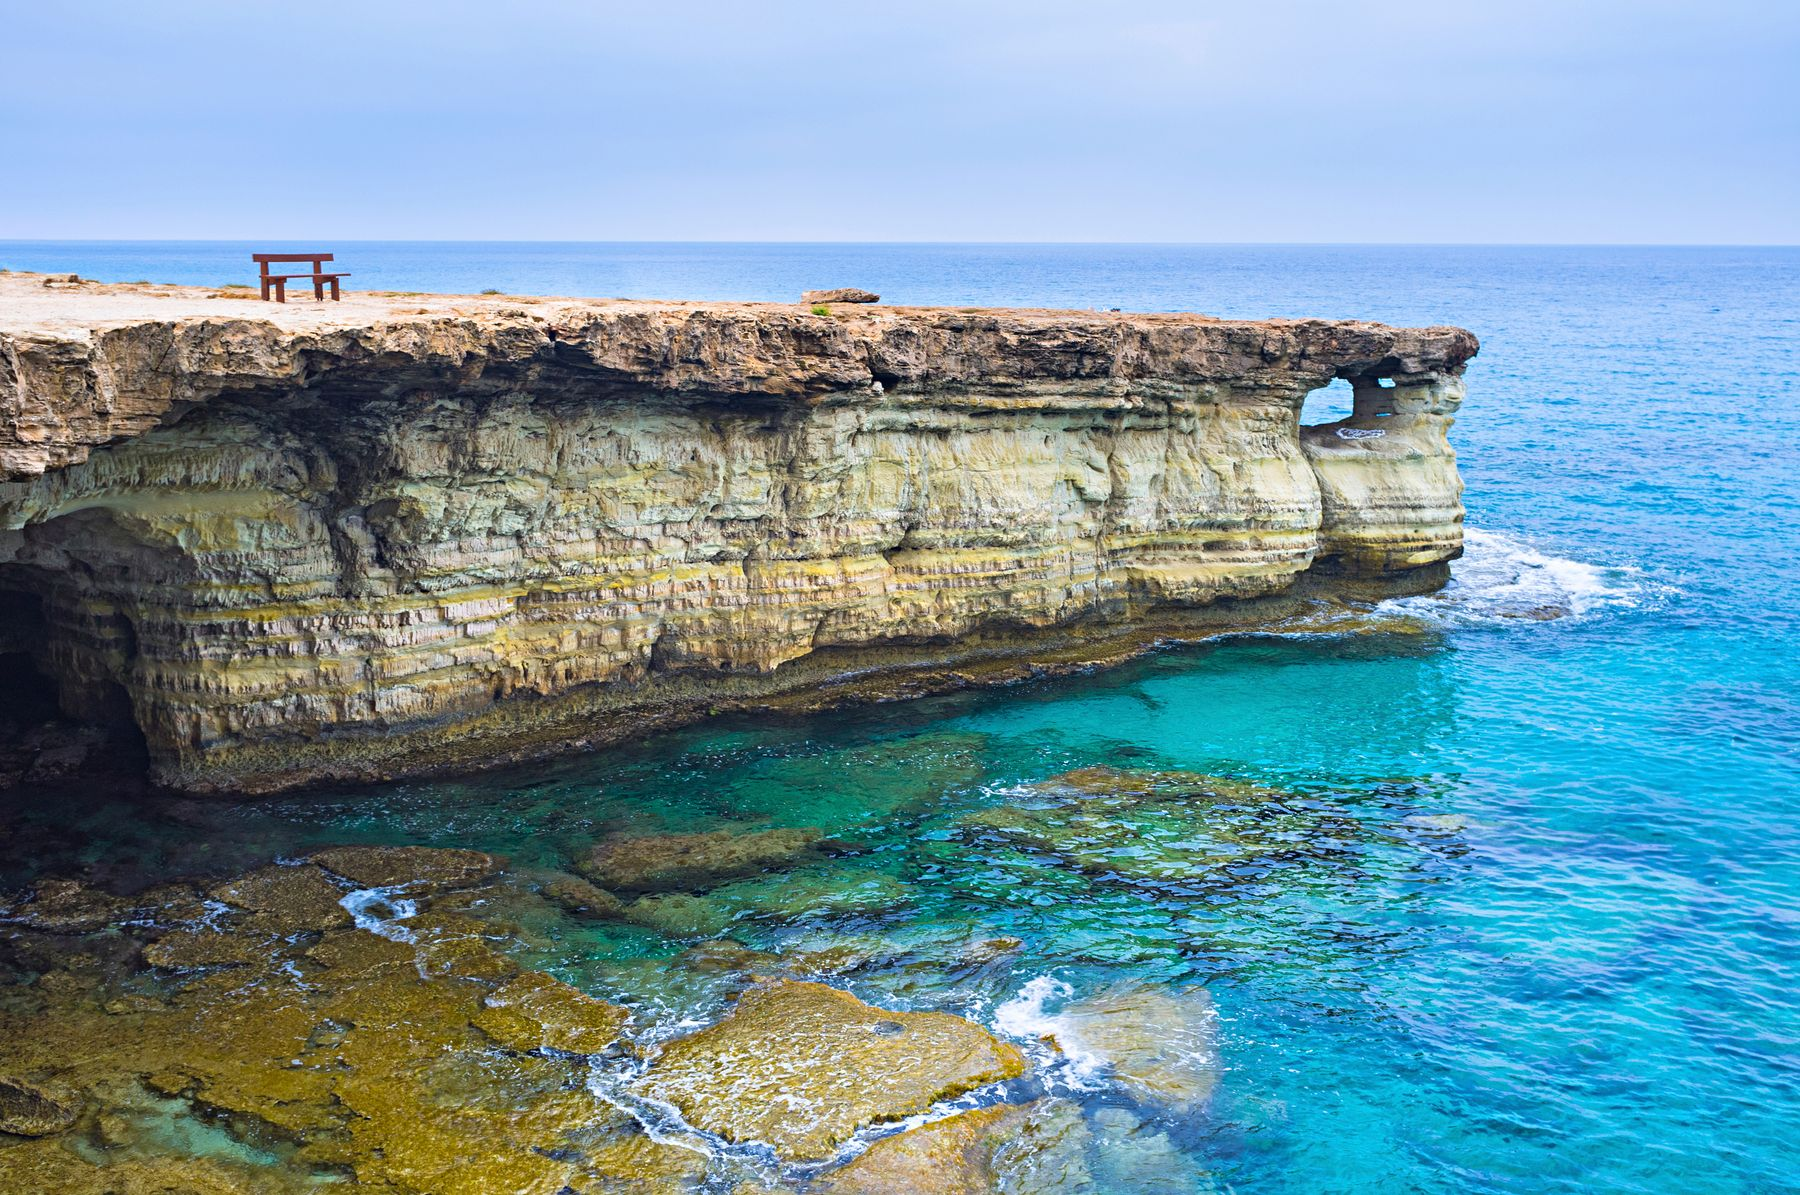 Куда поехать на море без визы или с визой по прибытии: Кипр